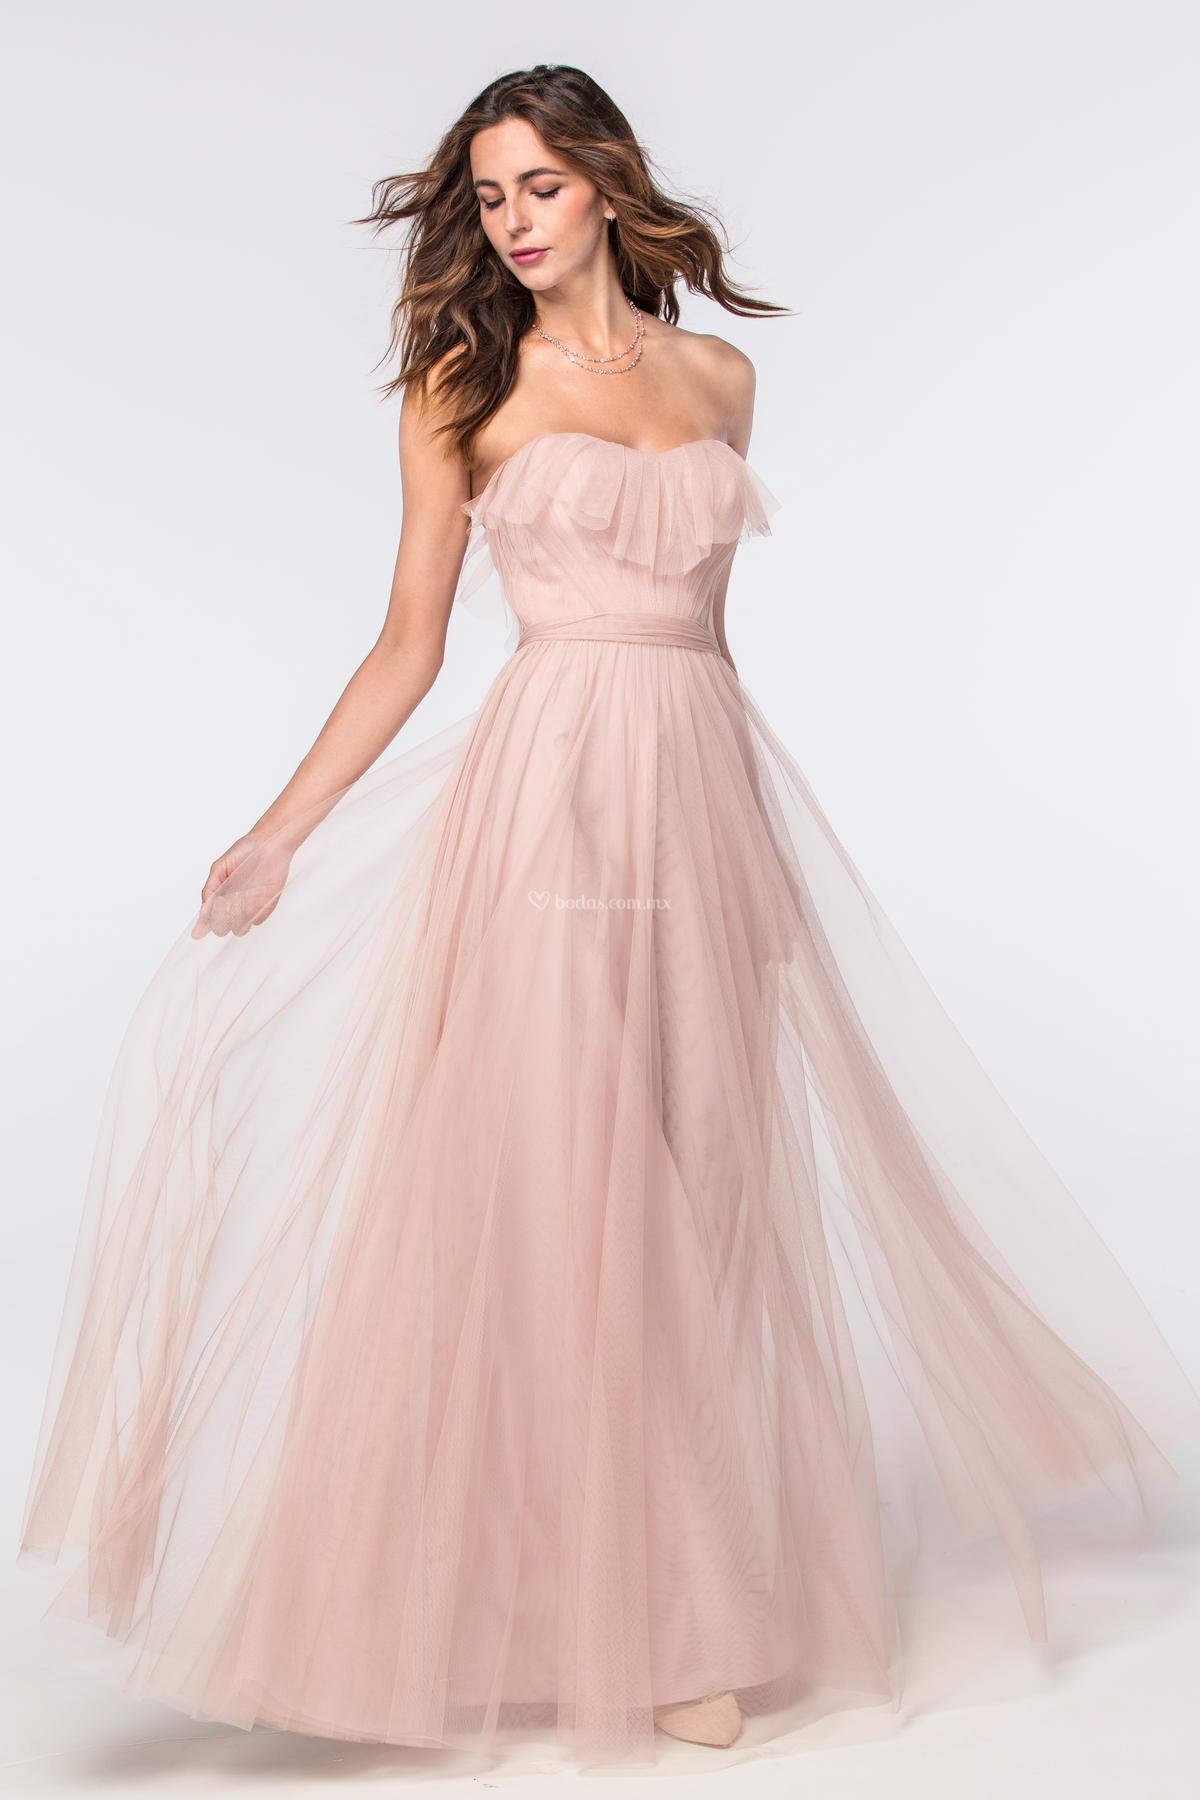 Increíble Vestidos De Novia Fort Wayne Indiana Imagen - Ideas de ...